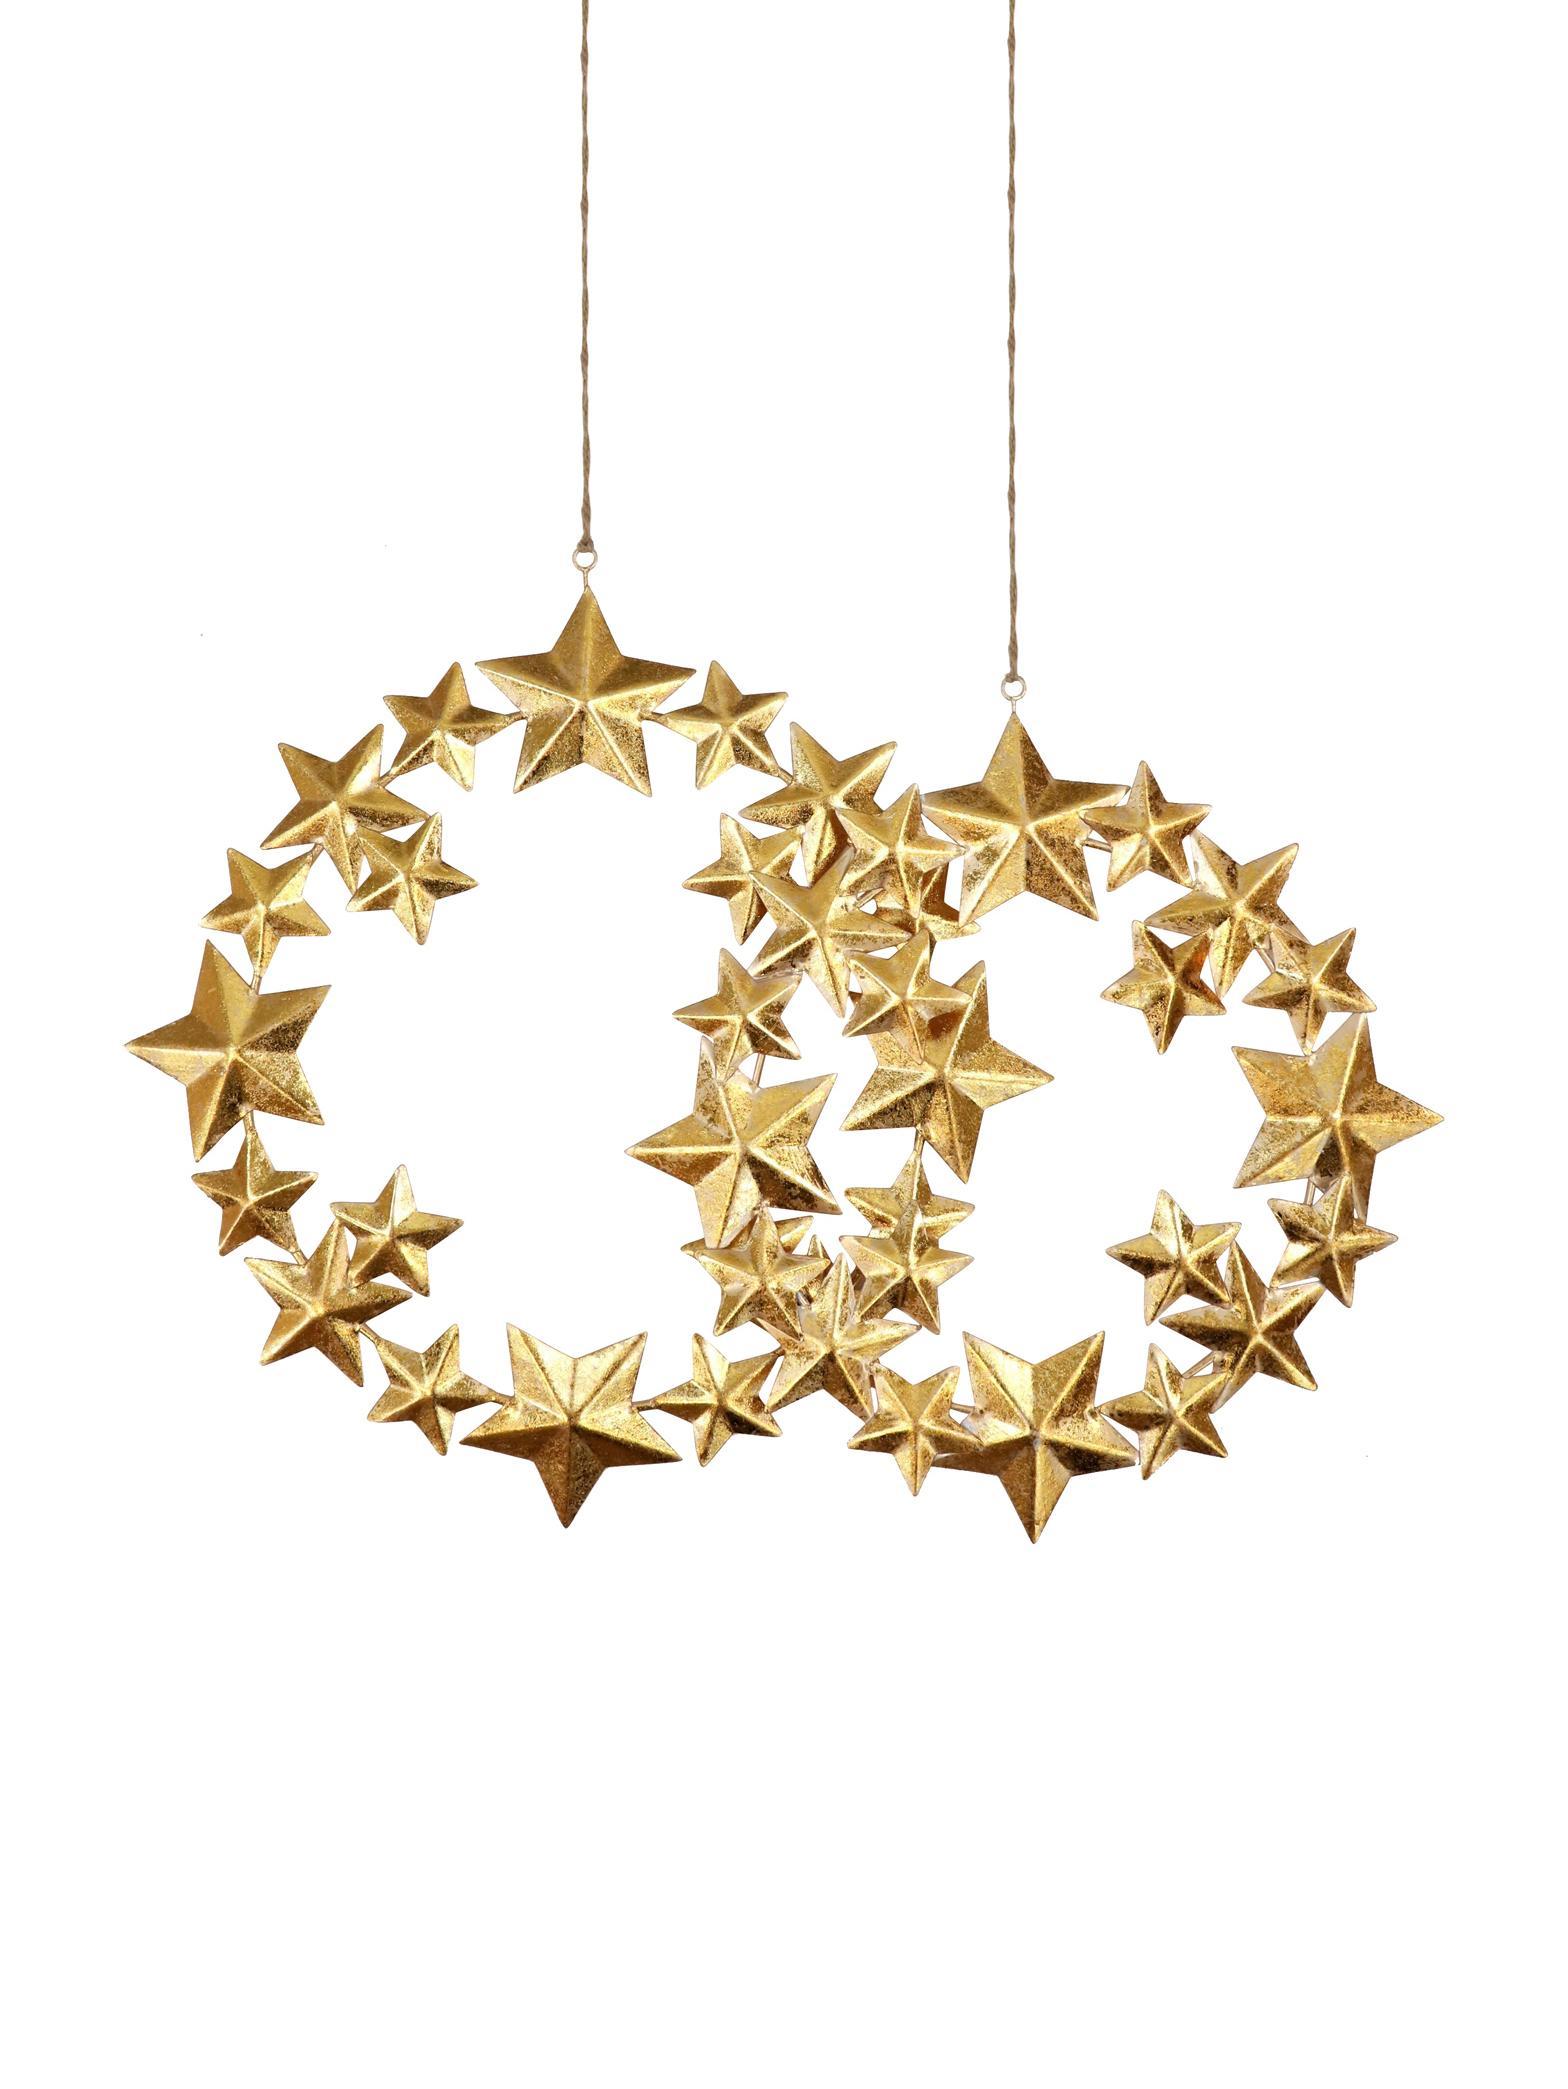 Komplet dekoracji wiszących Stars, 2 elem., Metal powlekany, Odcienie złotego, Komplet z różnymi rozmiarami